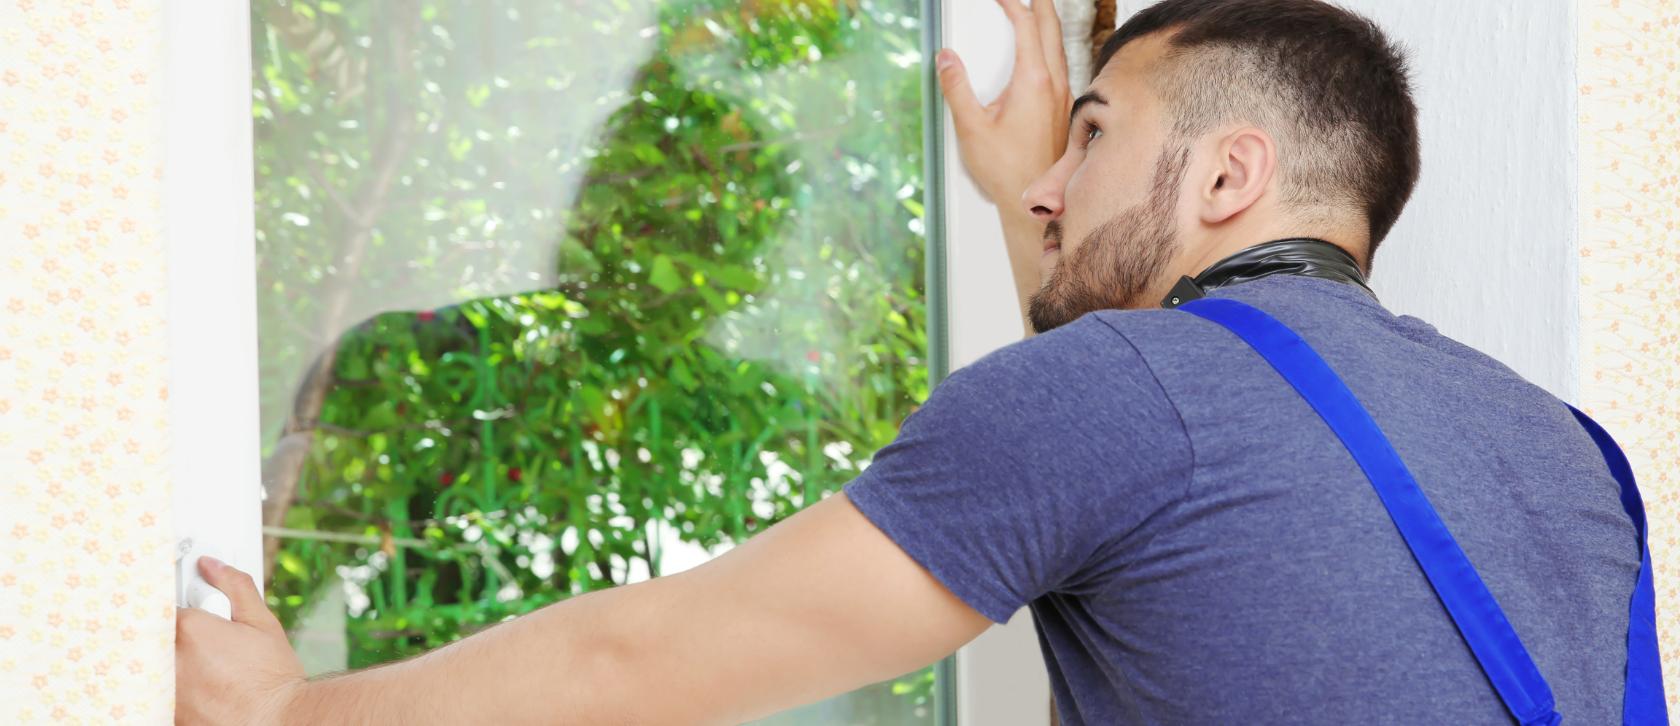 réparation de porte et fenêtre coulissante